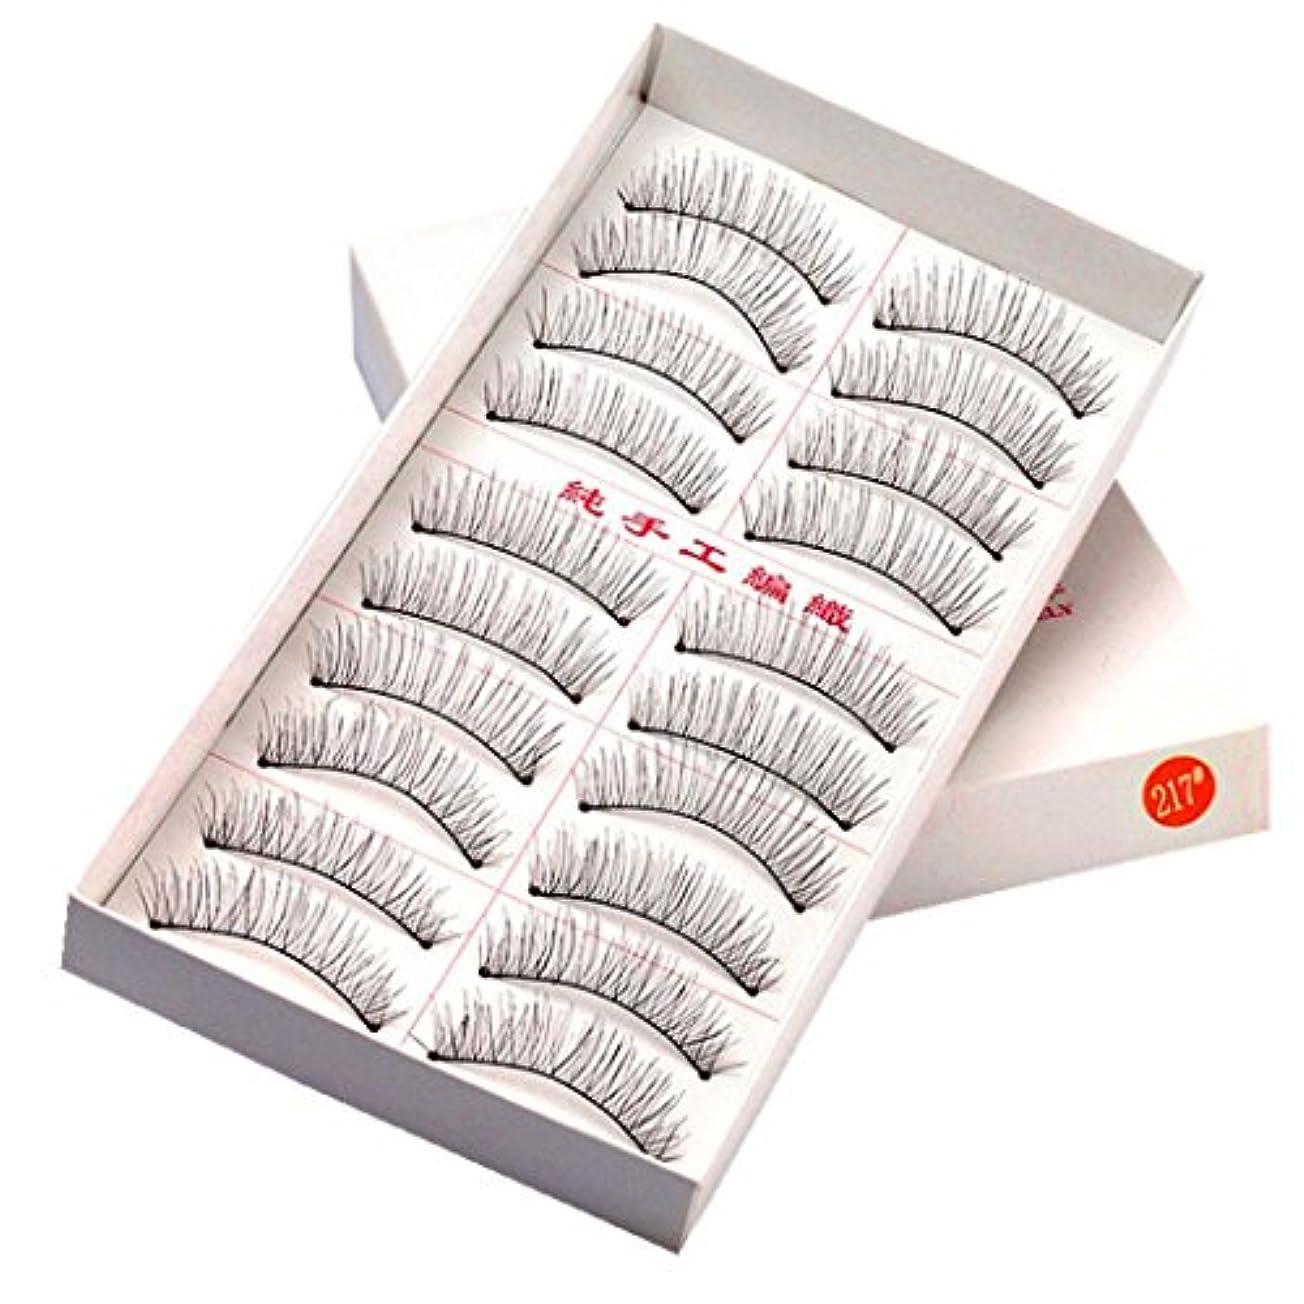 基準元気実証するFeteso 10ペアセット つけまつげ 上まつげ Eyelashes アイラッシュ ビューティー まつげエクステ レディース 化粧ツール アイメイクアップ 人気 ナチュラル 飾り ふんわり 装着簡単 綺麗 変身